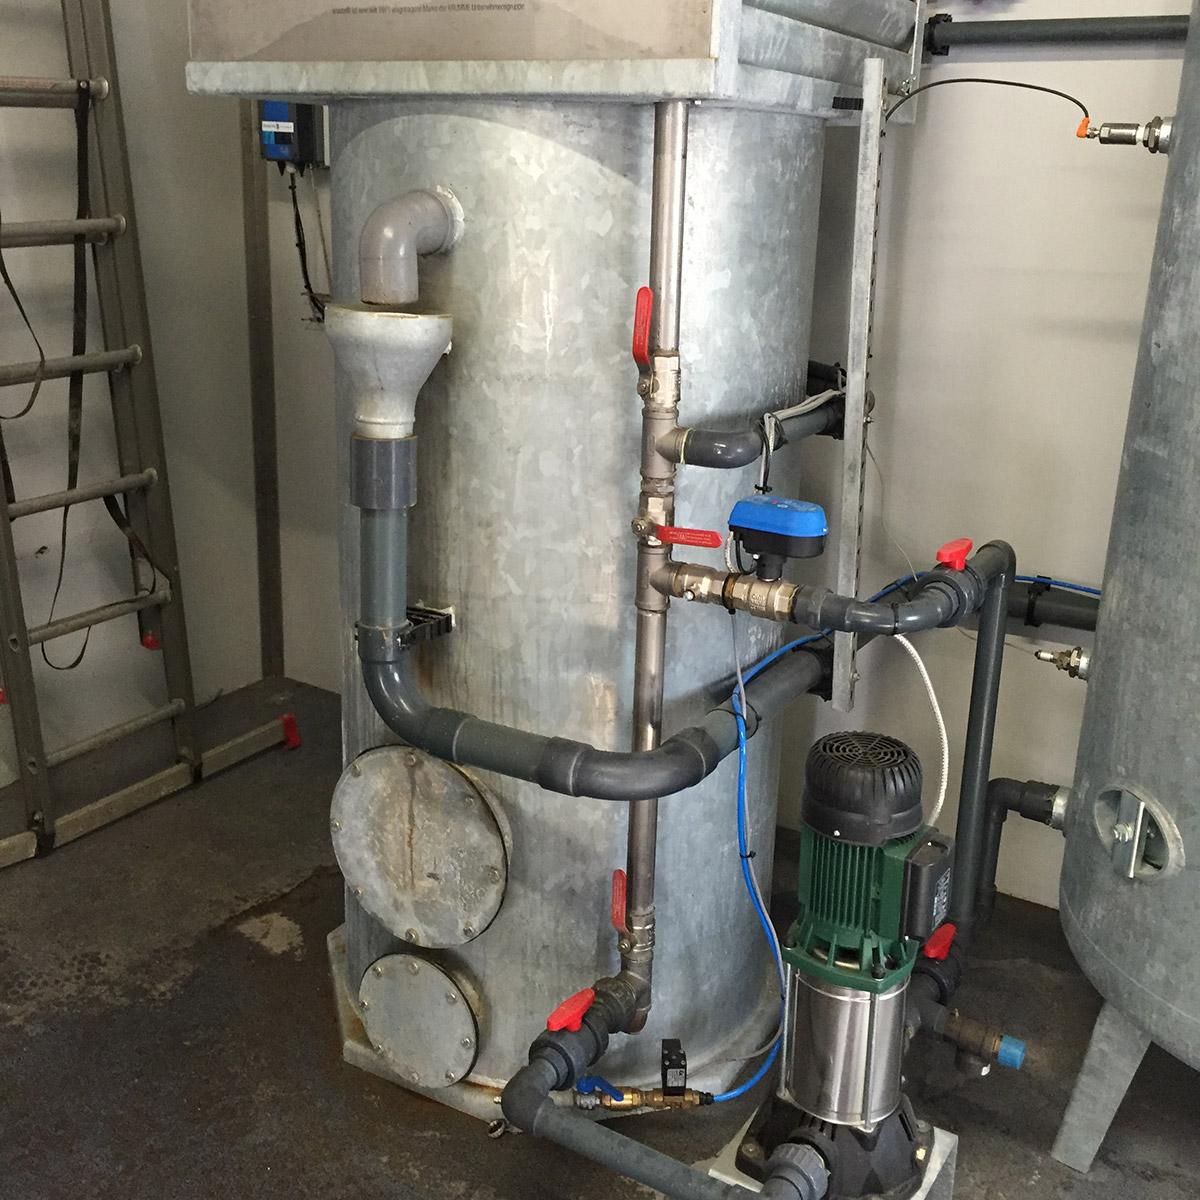 Filtratiojn system